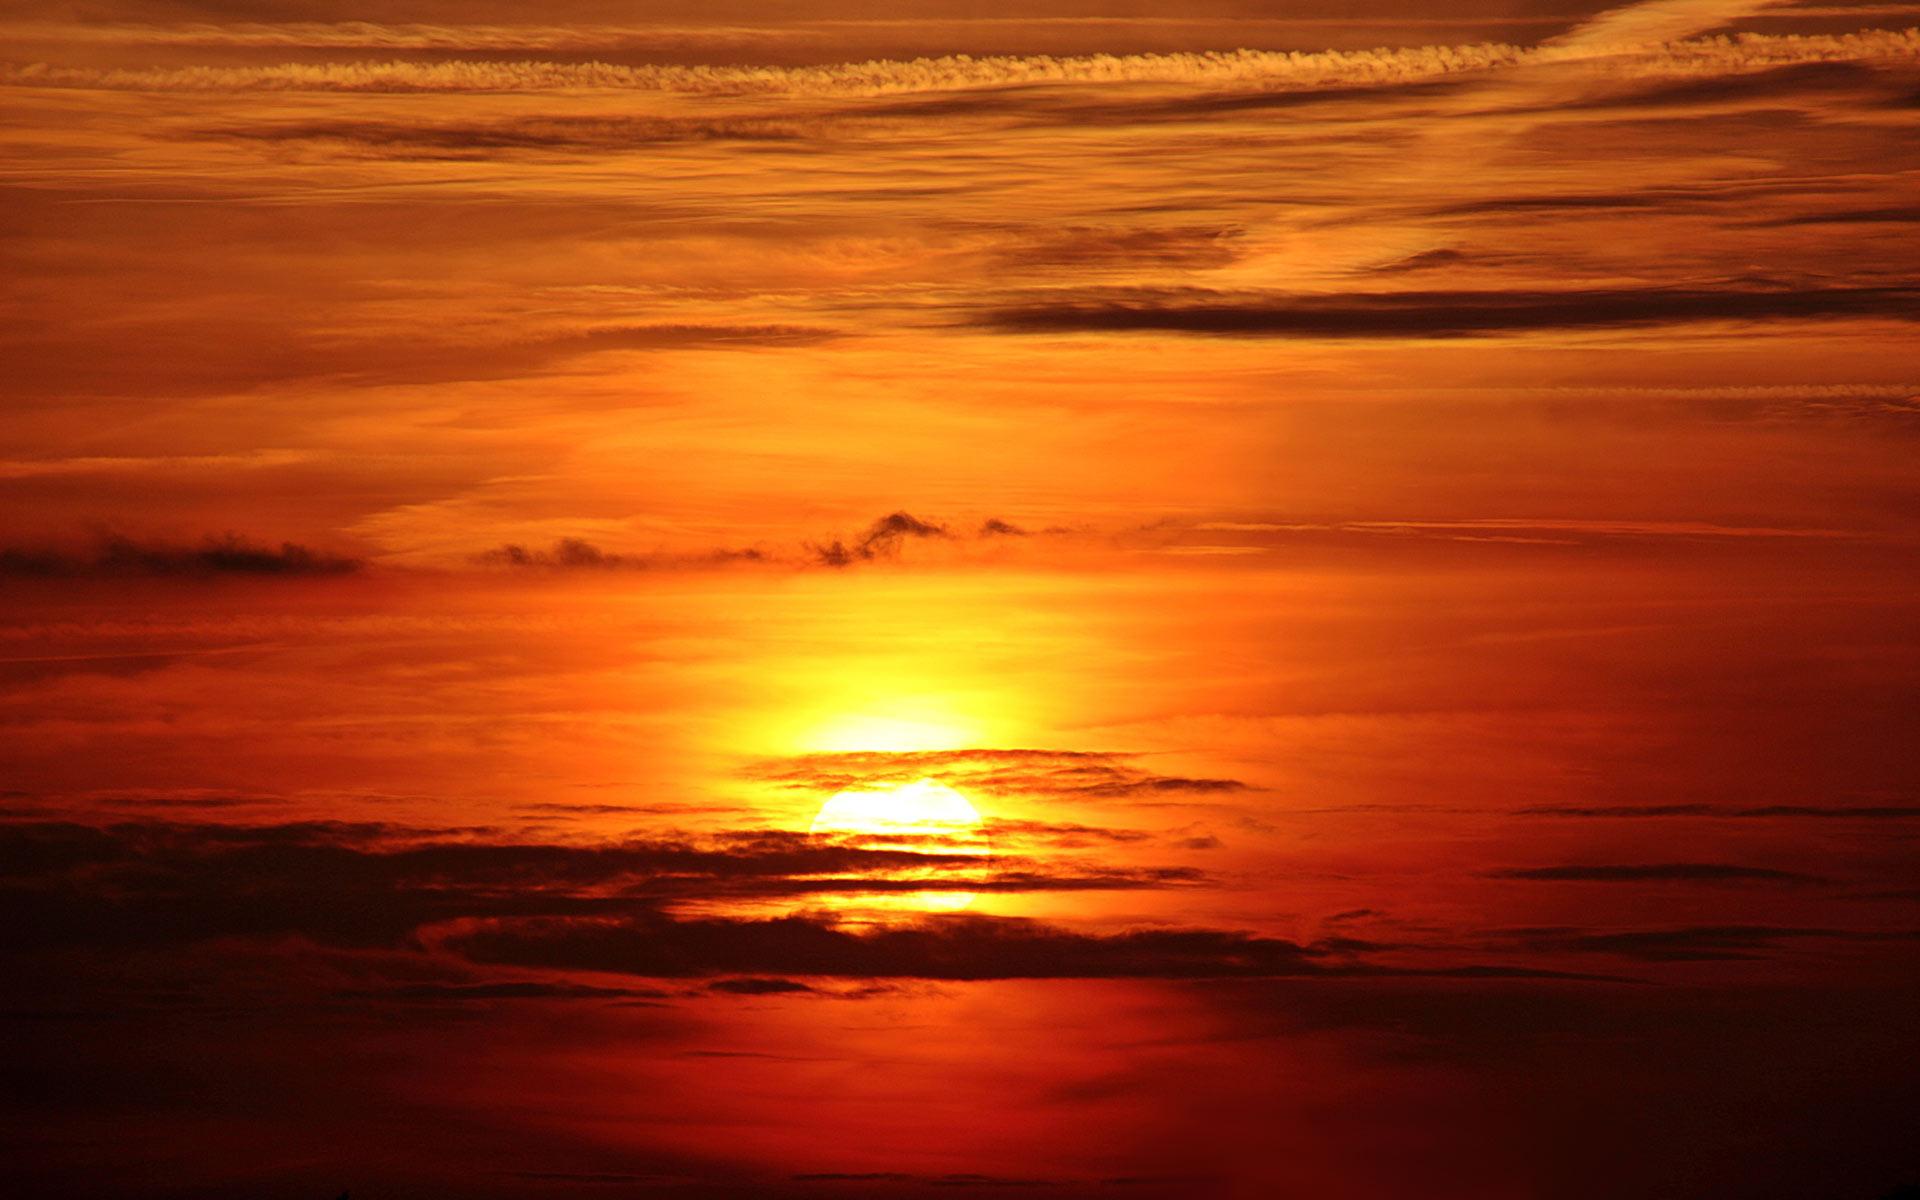 Foto grátis do sol da meia noite - papel de parede grátis em hd sol da 59ce5b7fed